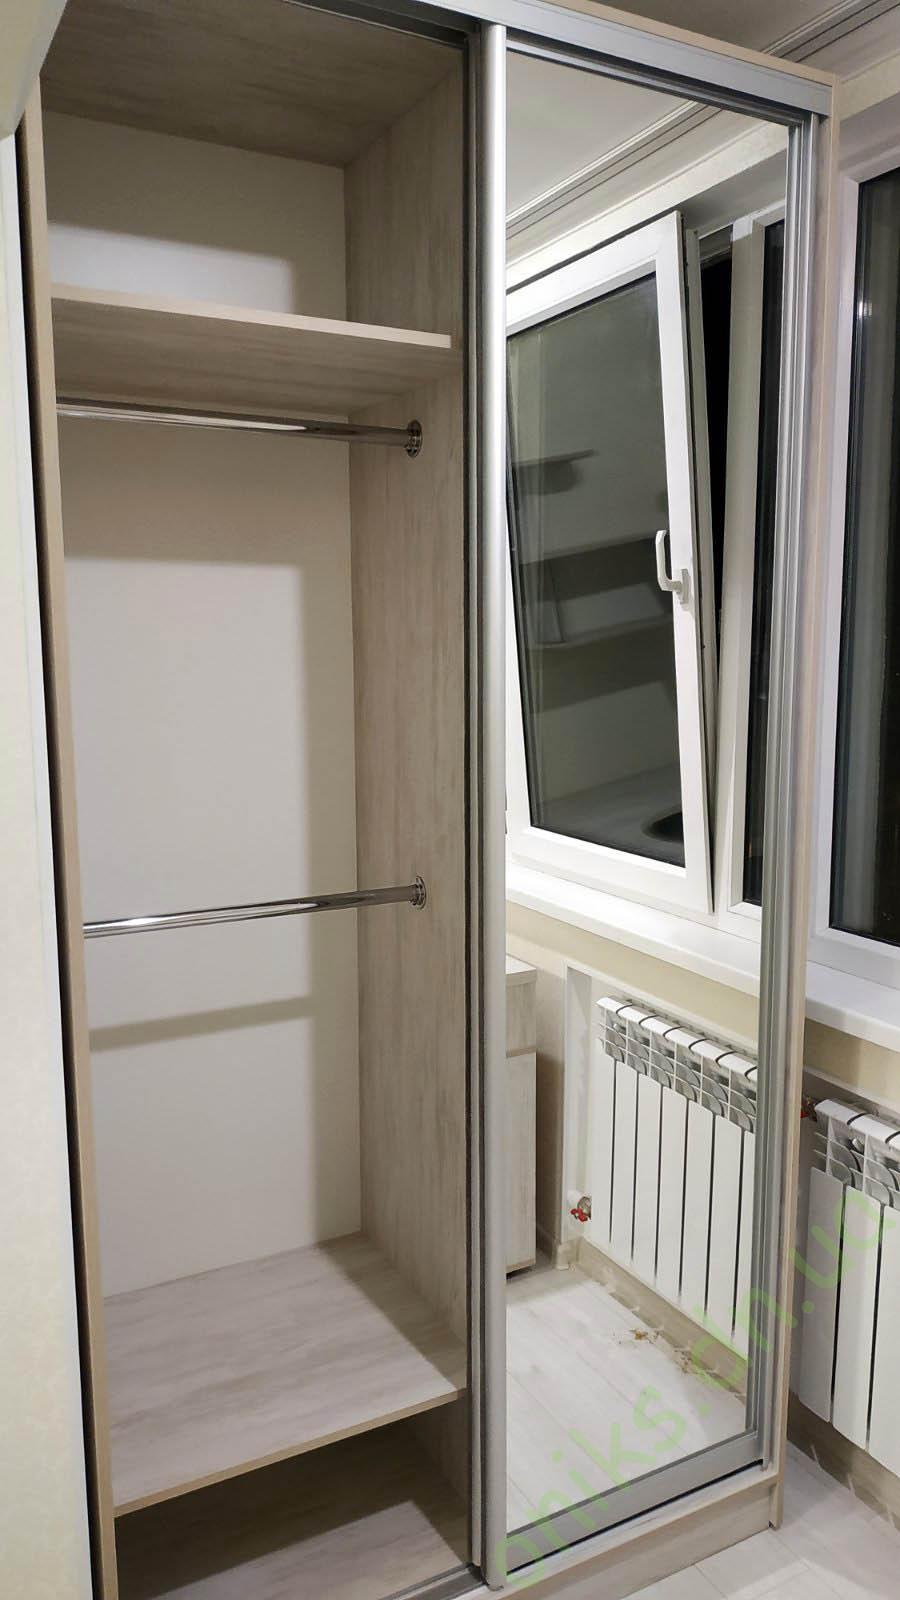 Купить шкаф-купе двухдверный Артвуд в Донецке